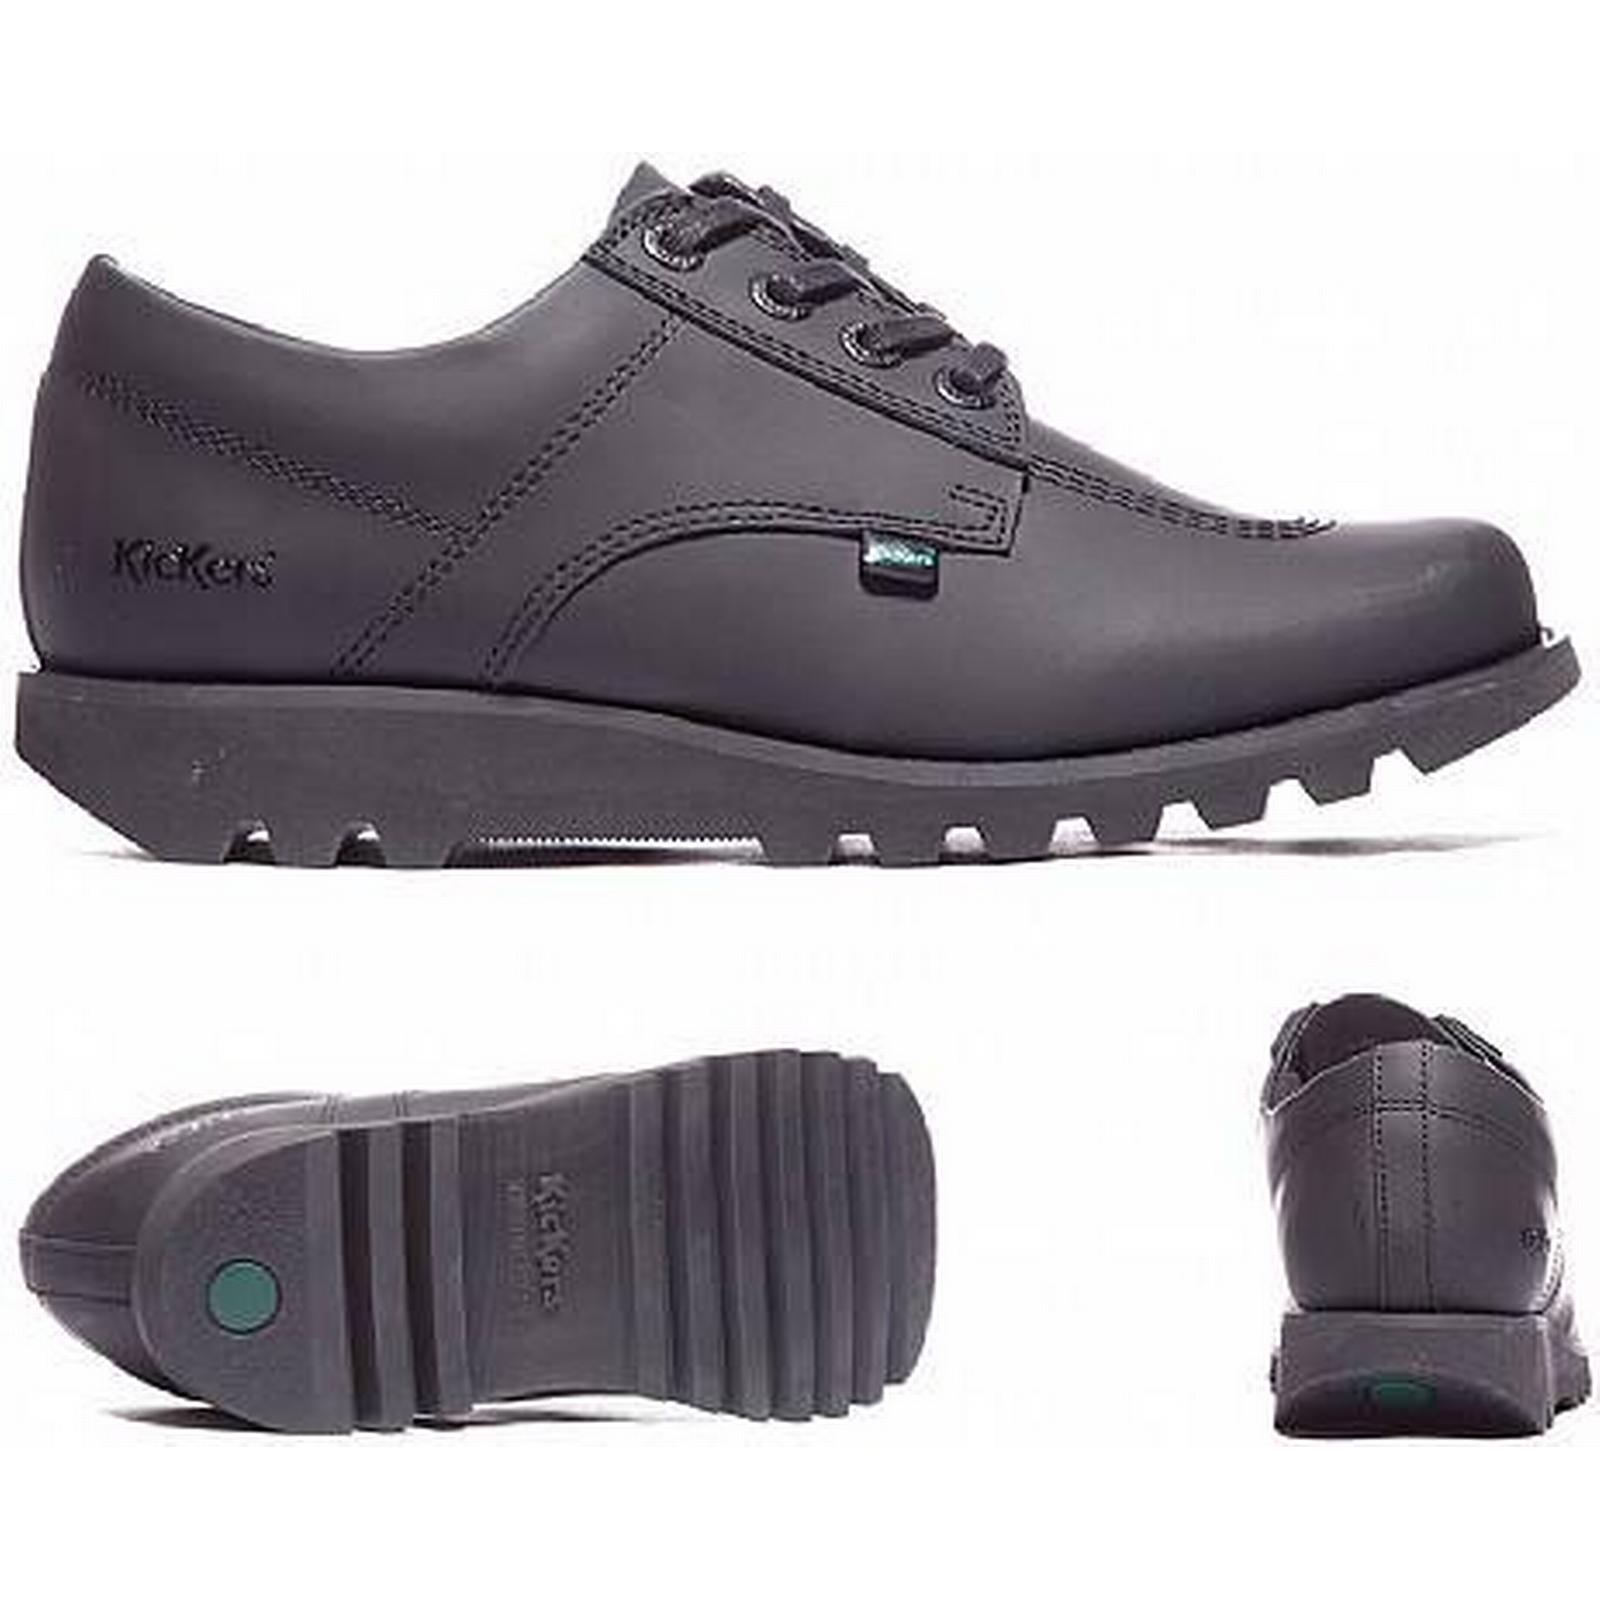 Kickers Kick Low Low Low Core Shoe 72148a